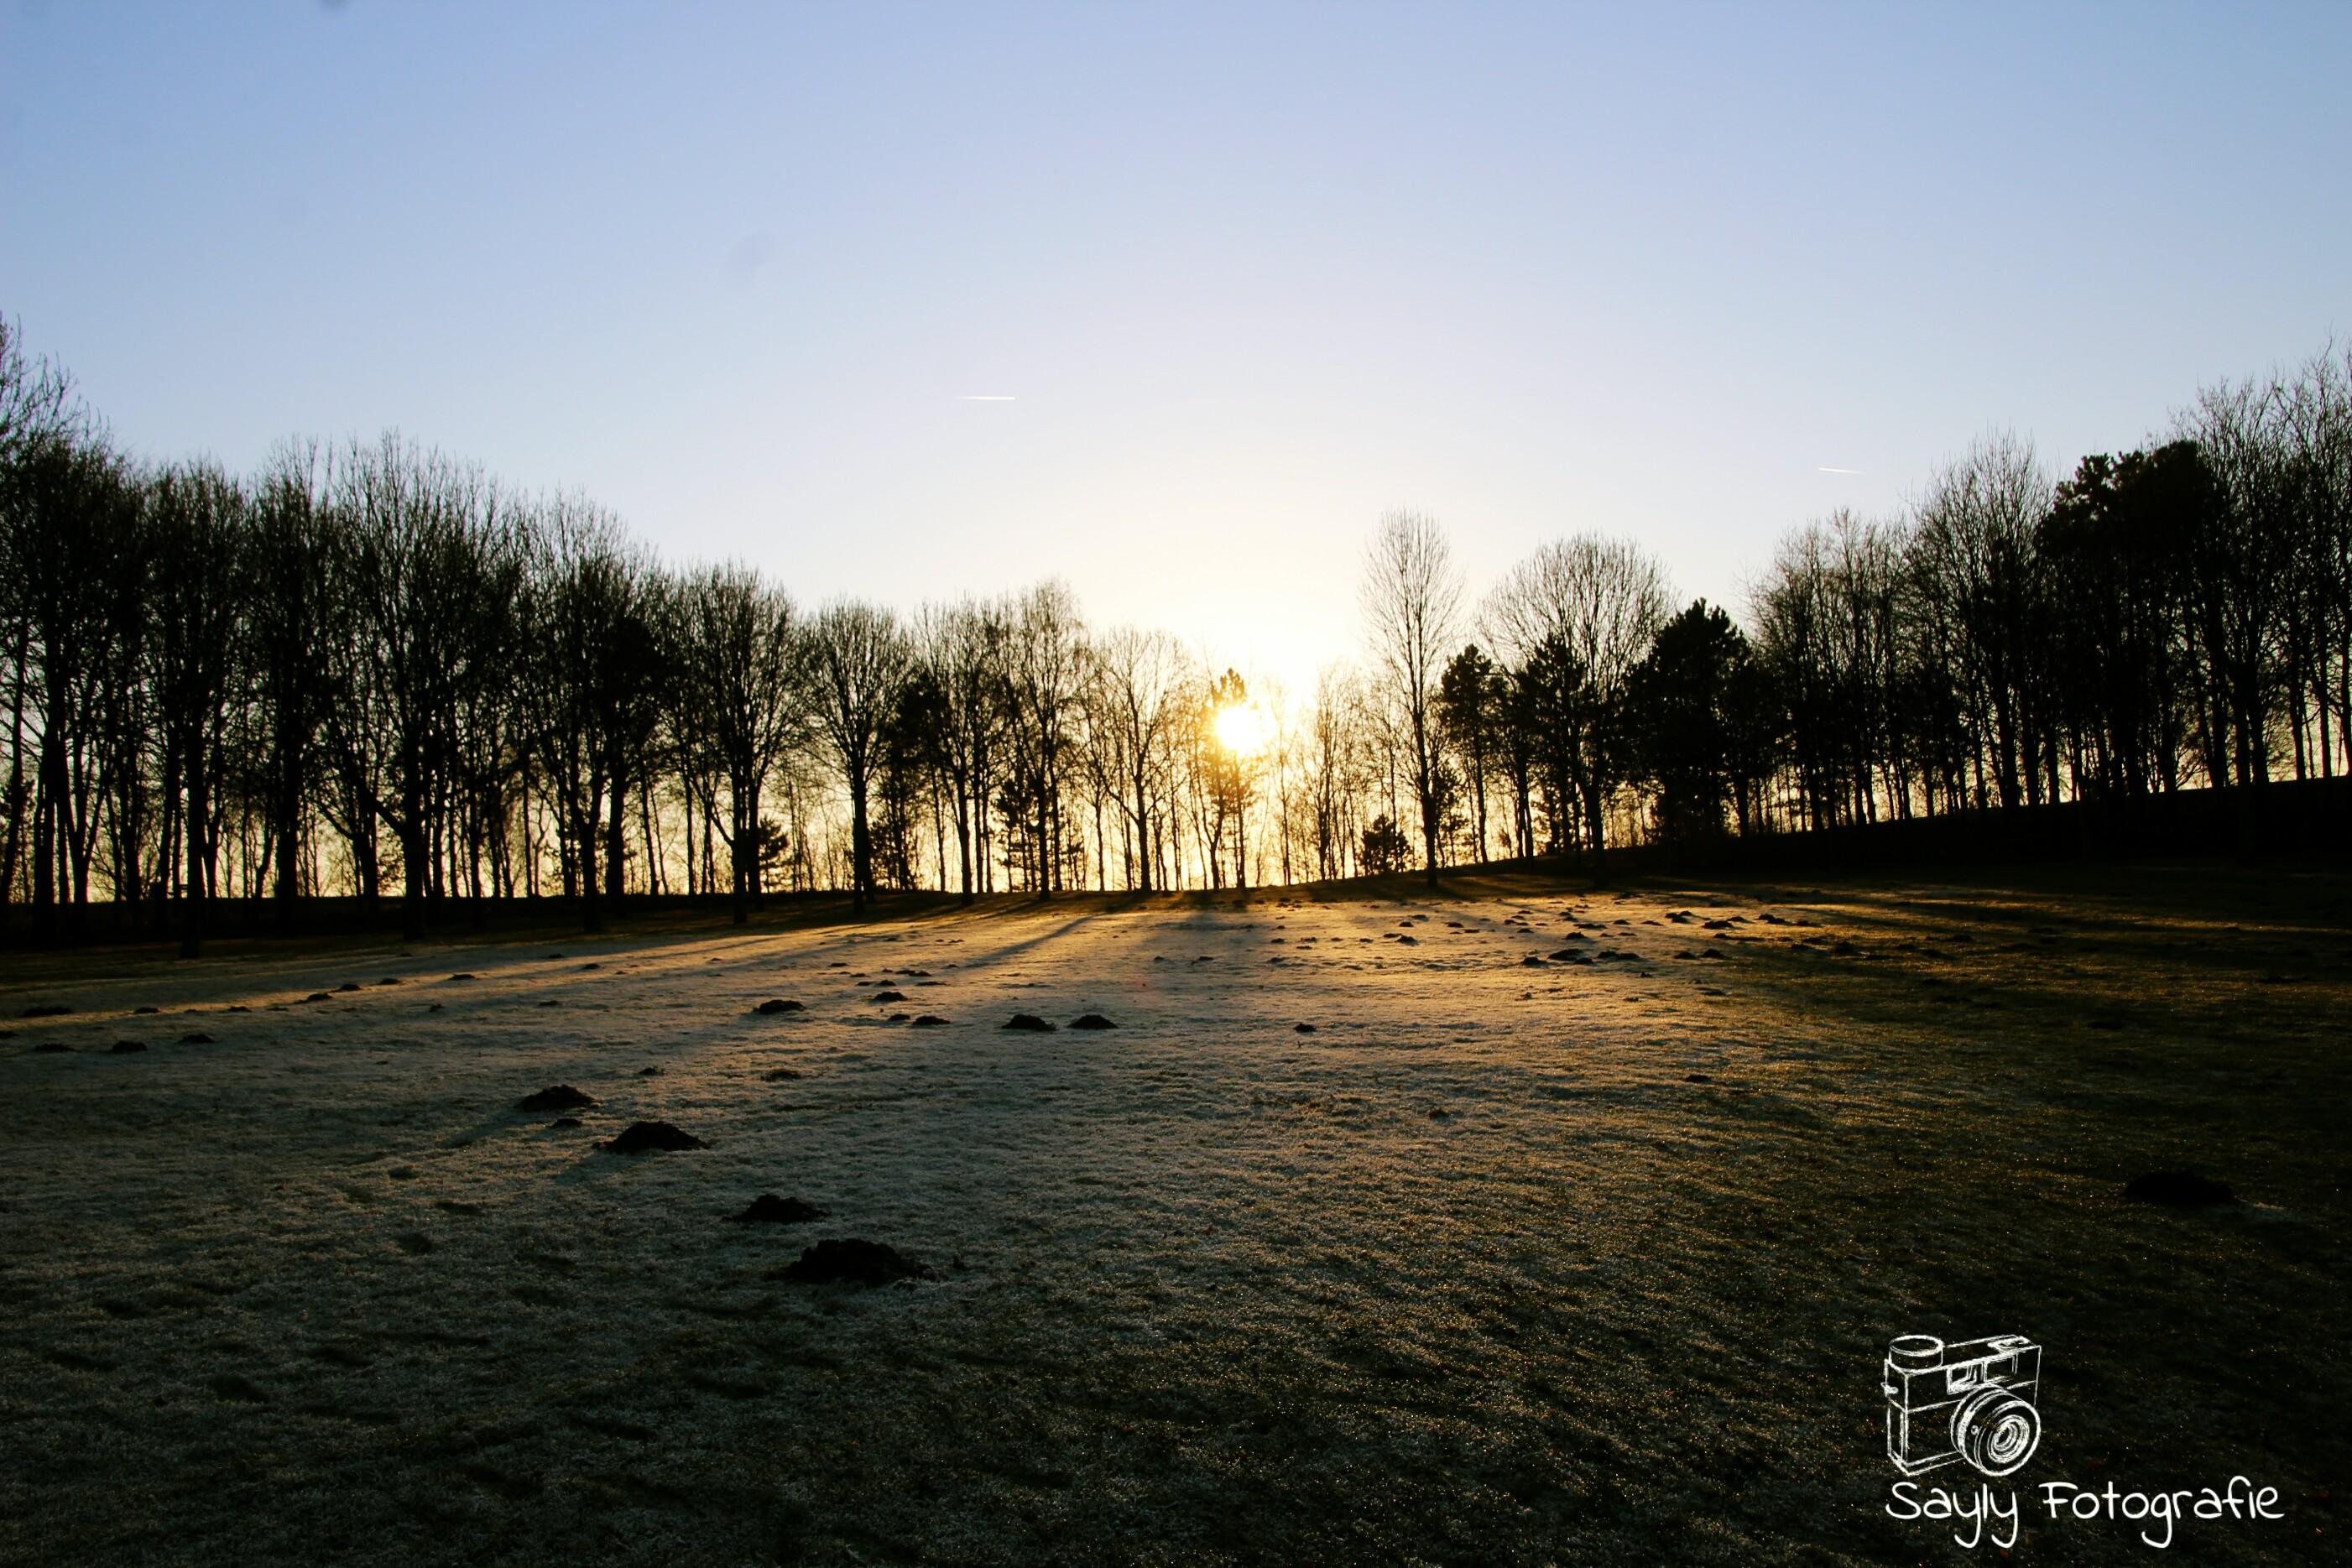 Sneeuw in de buurt van Heerlen (Archieffoto van Luuntje)